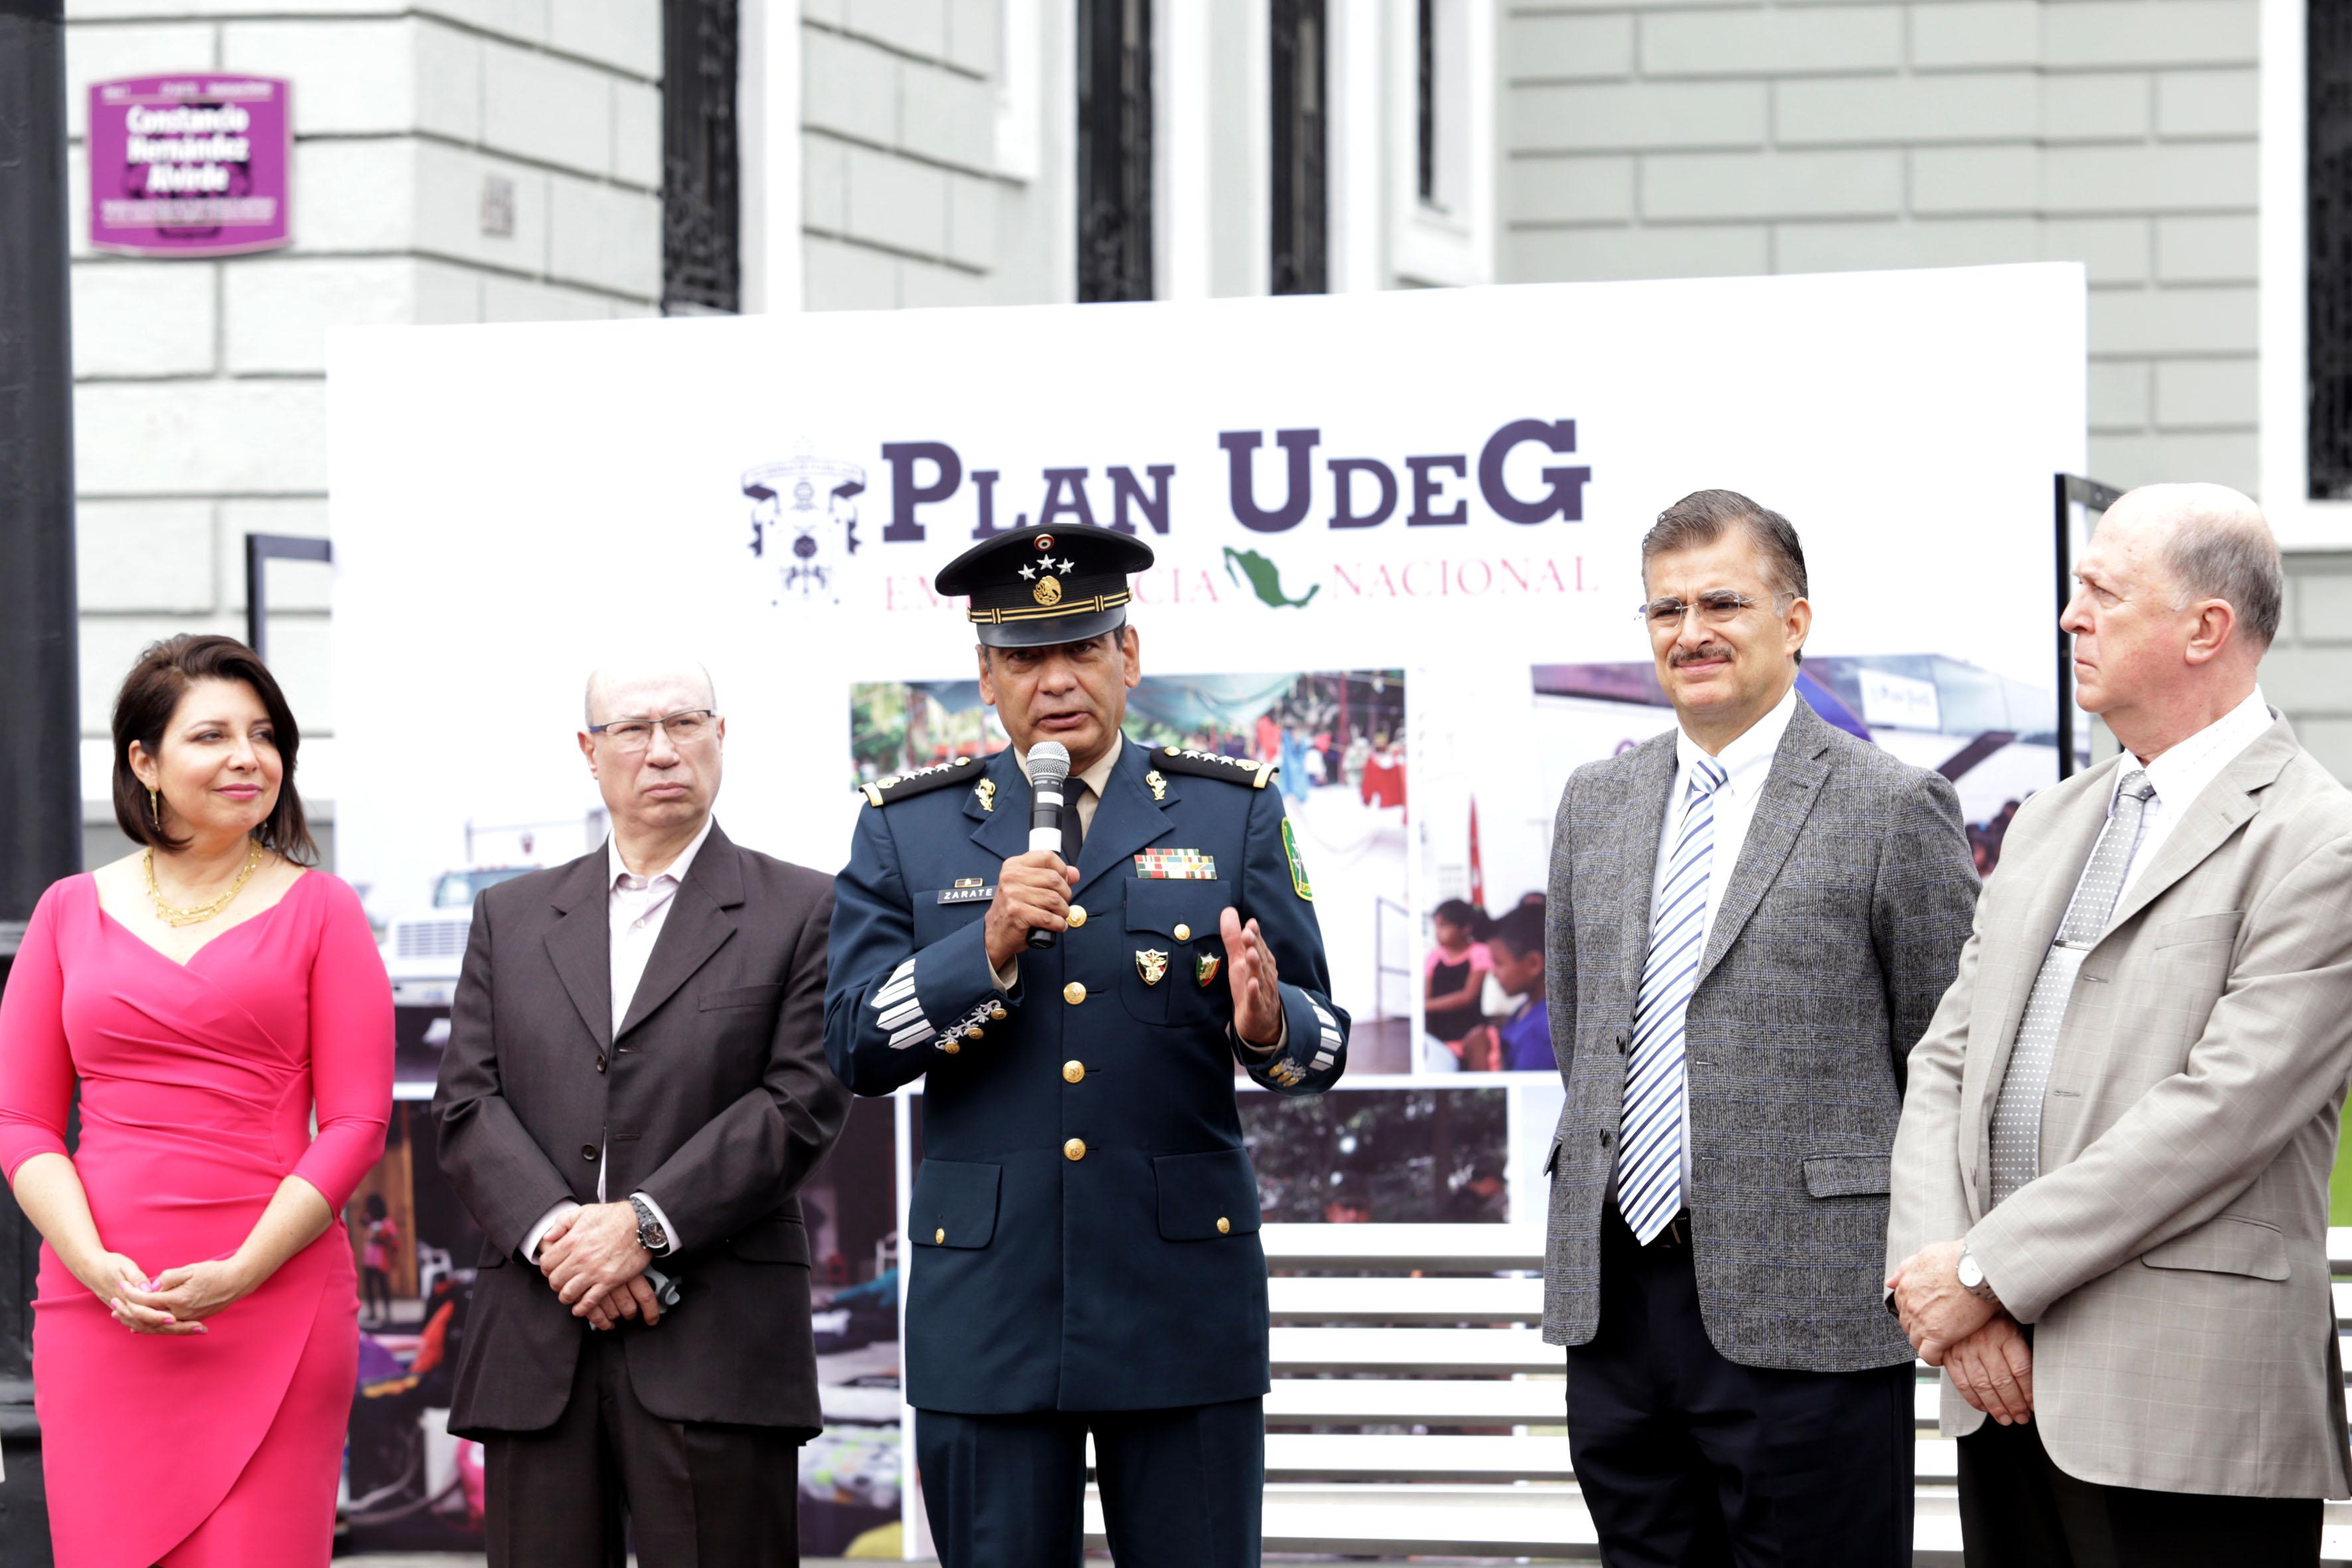 Habla el General Eduardo Zárate Landero. Destacó la solidaridad de la UdeG